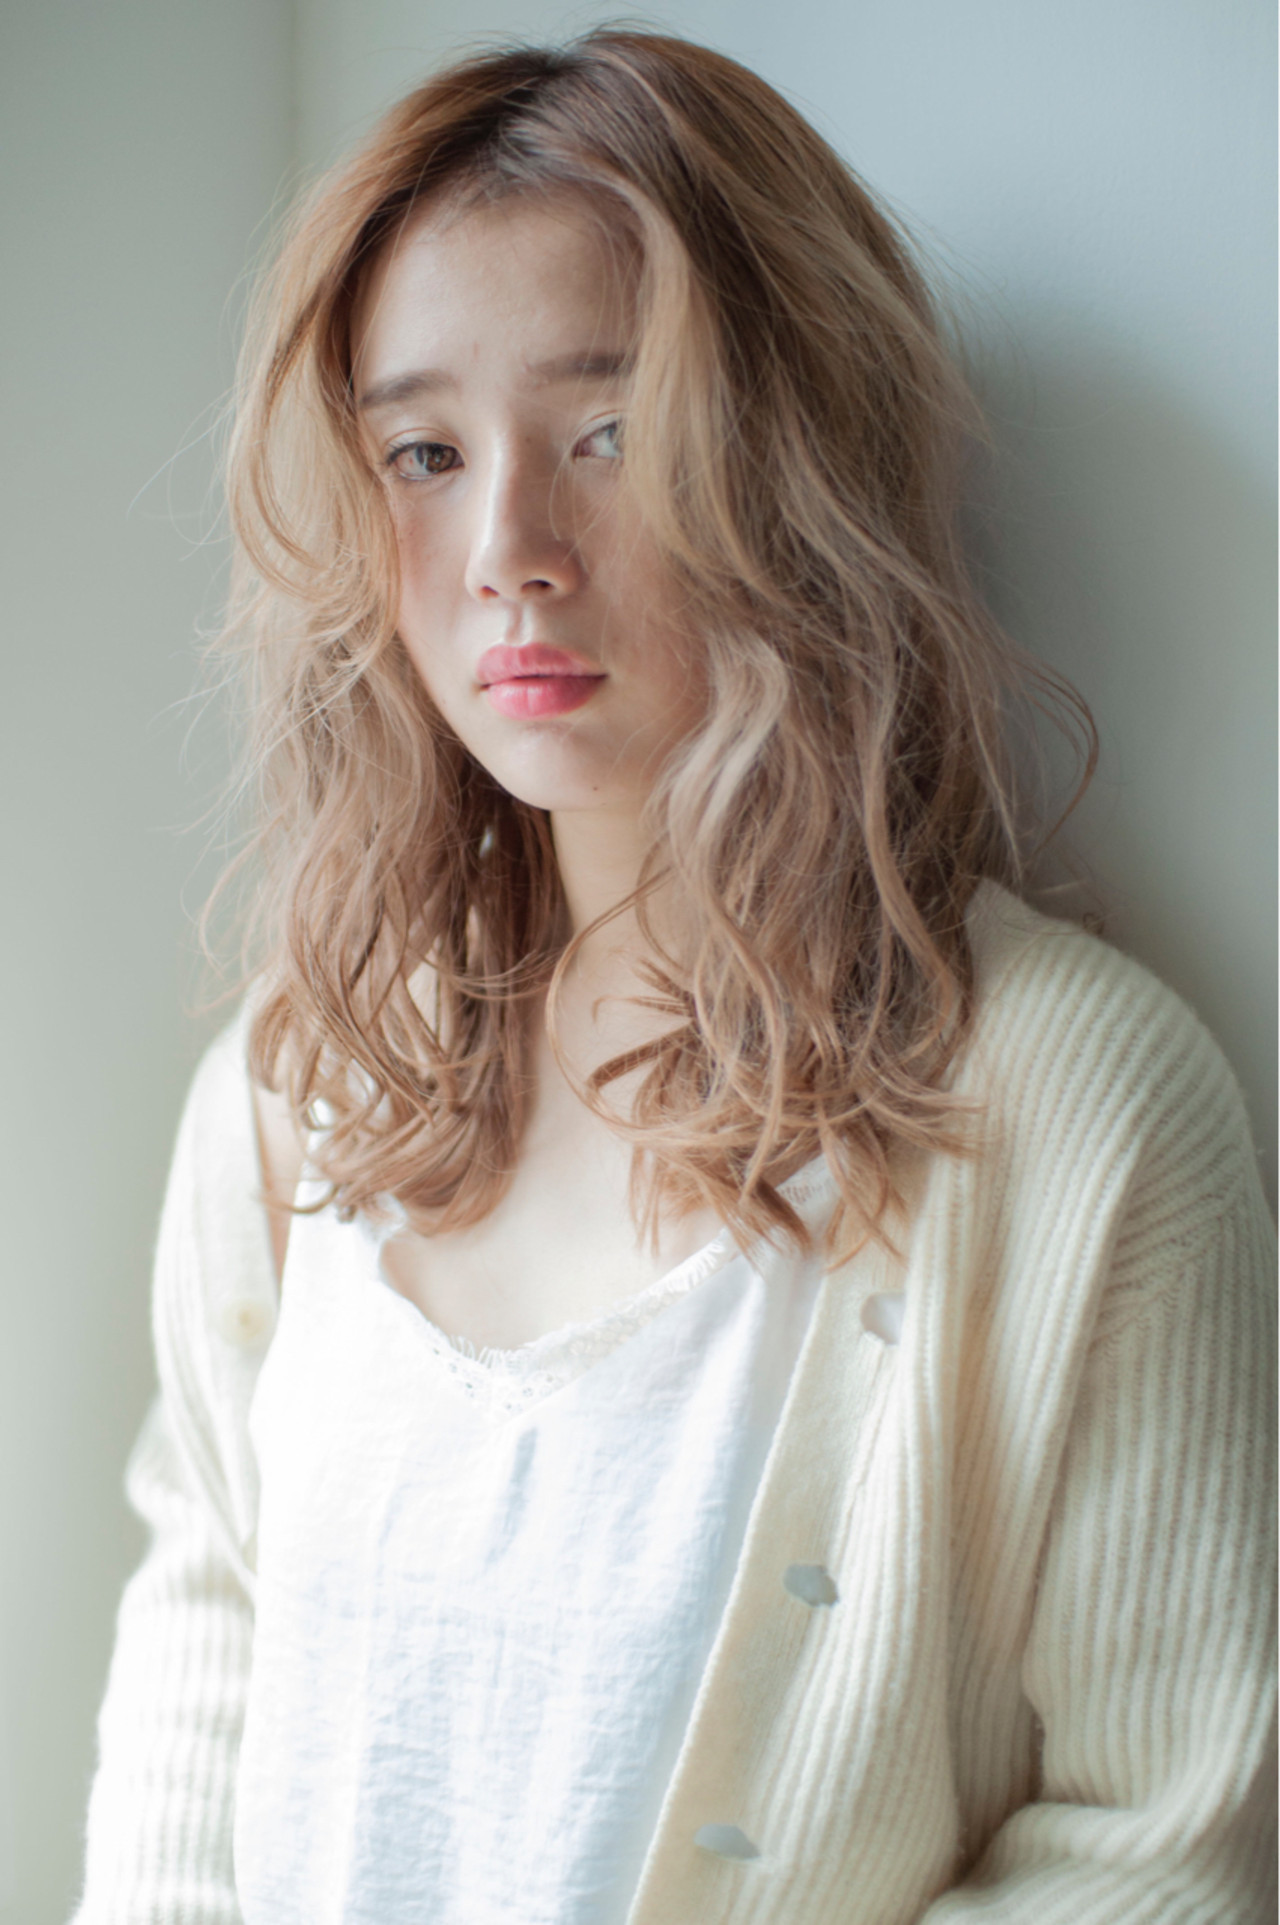 外国人みたいなゆるふわウェーブ YUKINA / HOMIE TOKYO